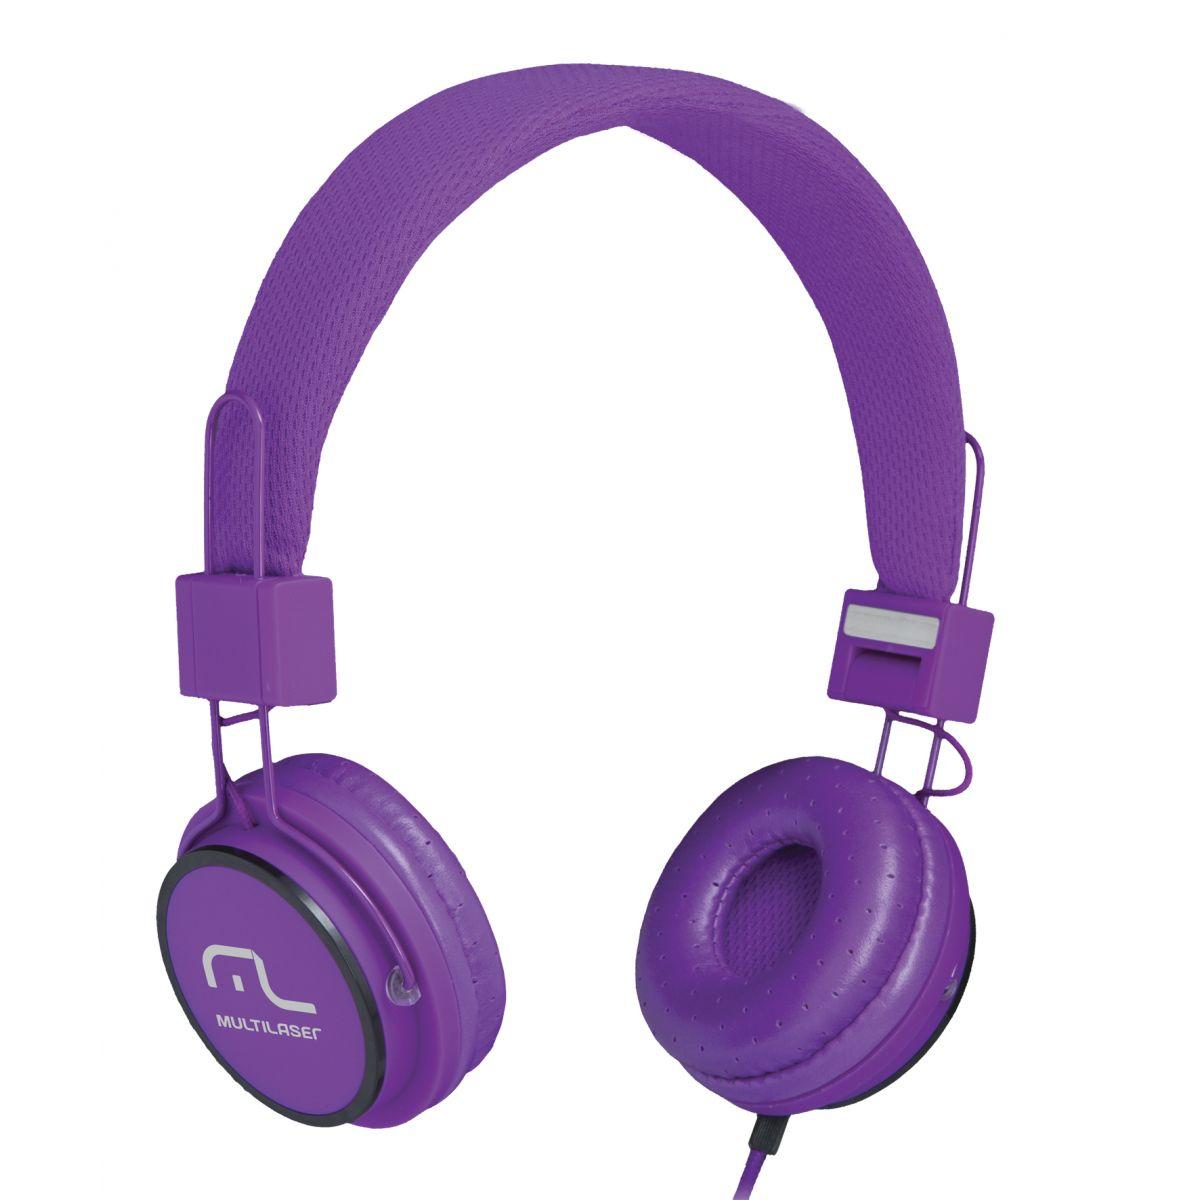 Fone HeadFun - Microfone para Celular Roxo PH090 - Multilaser